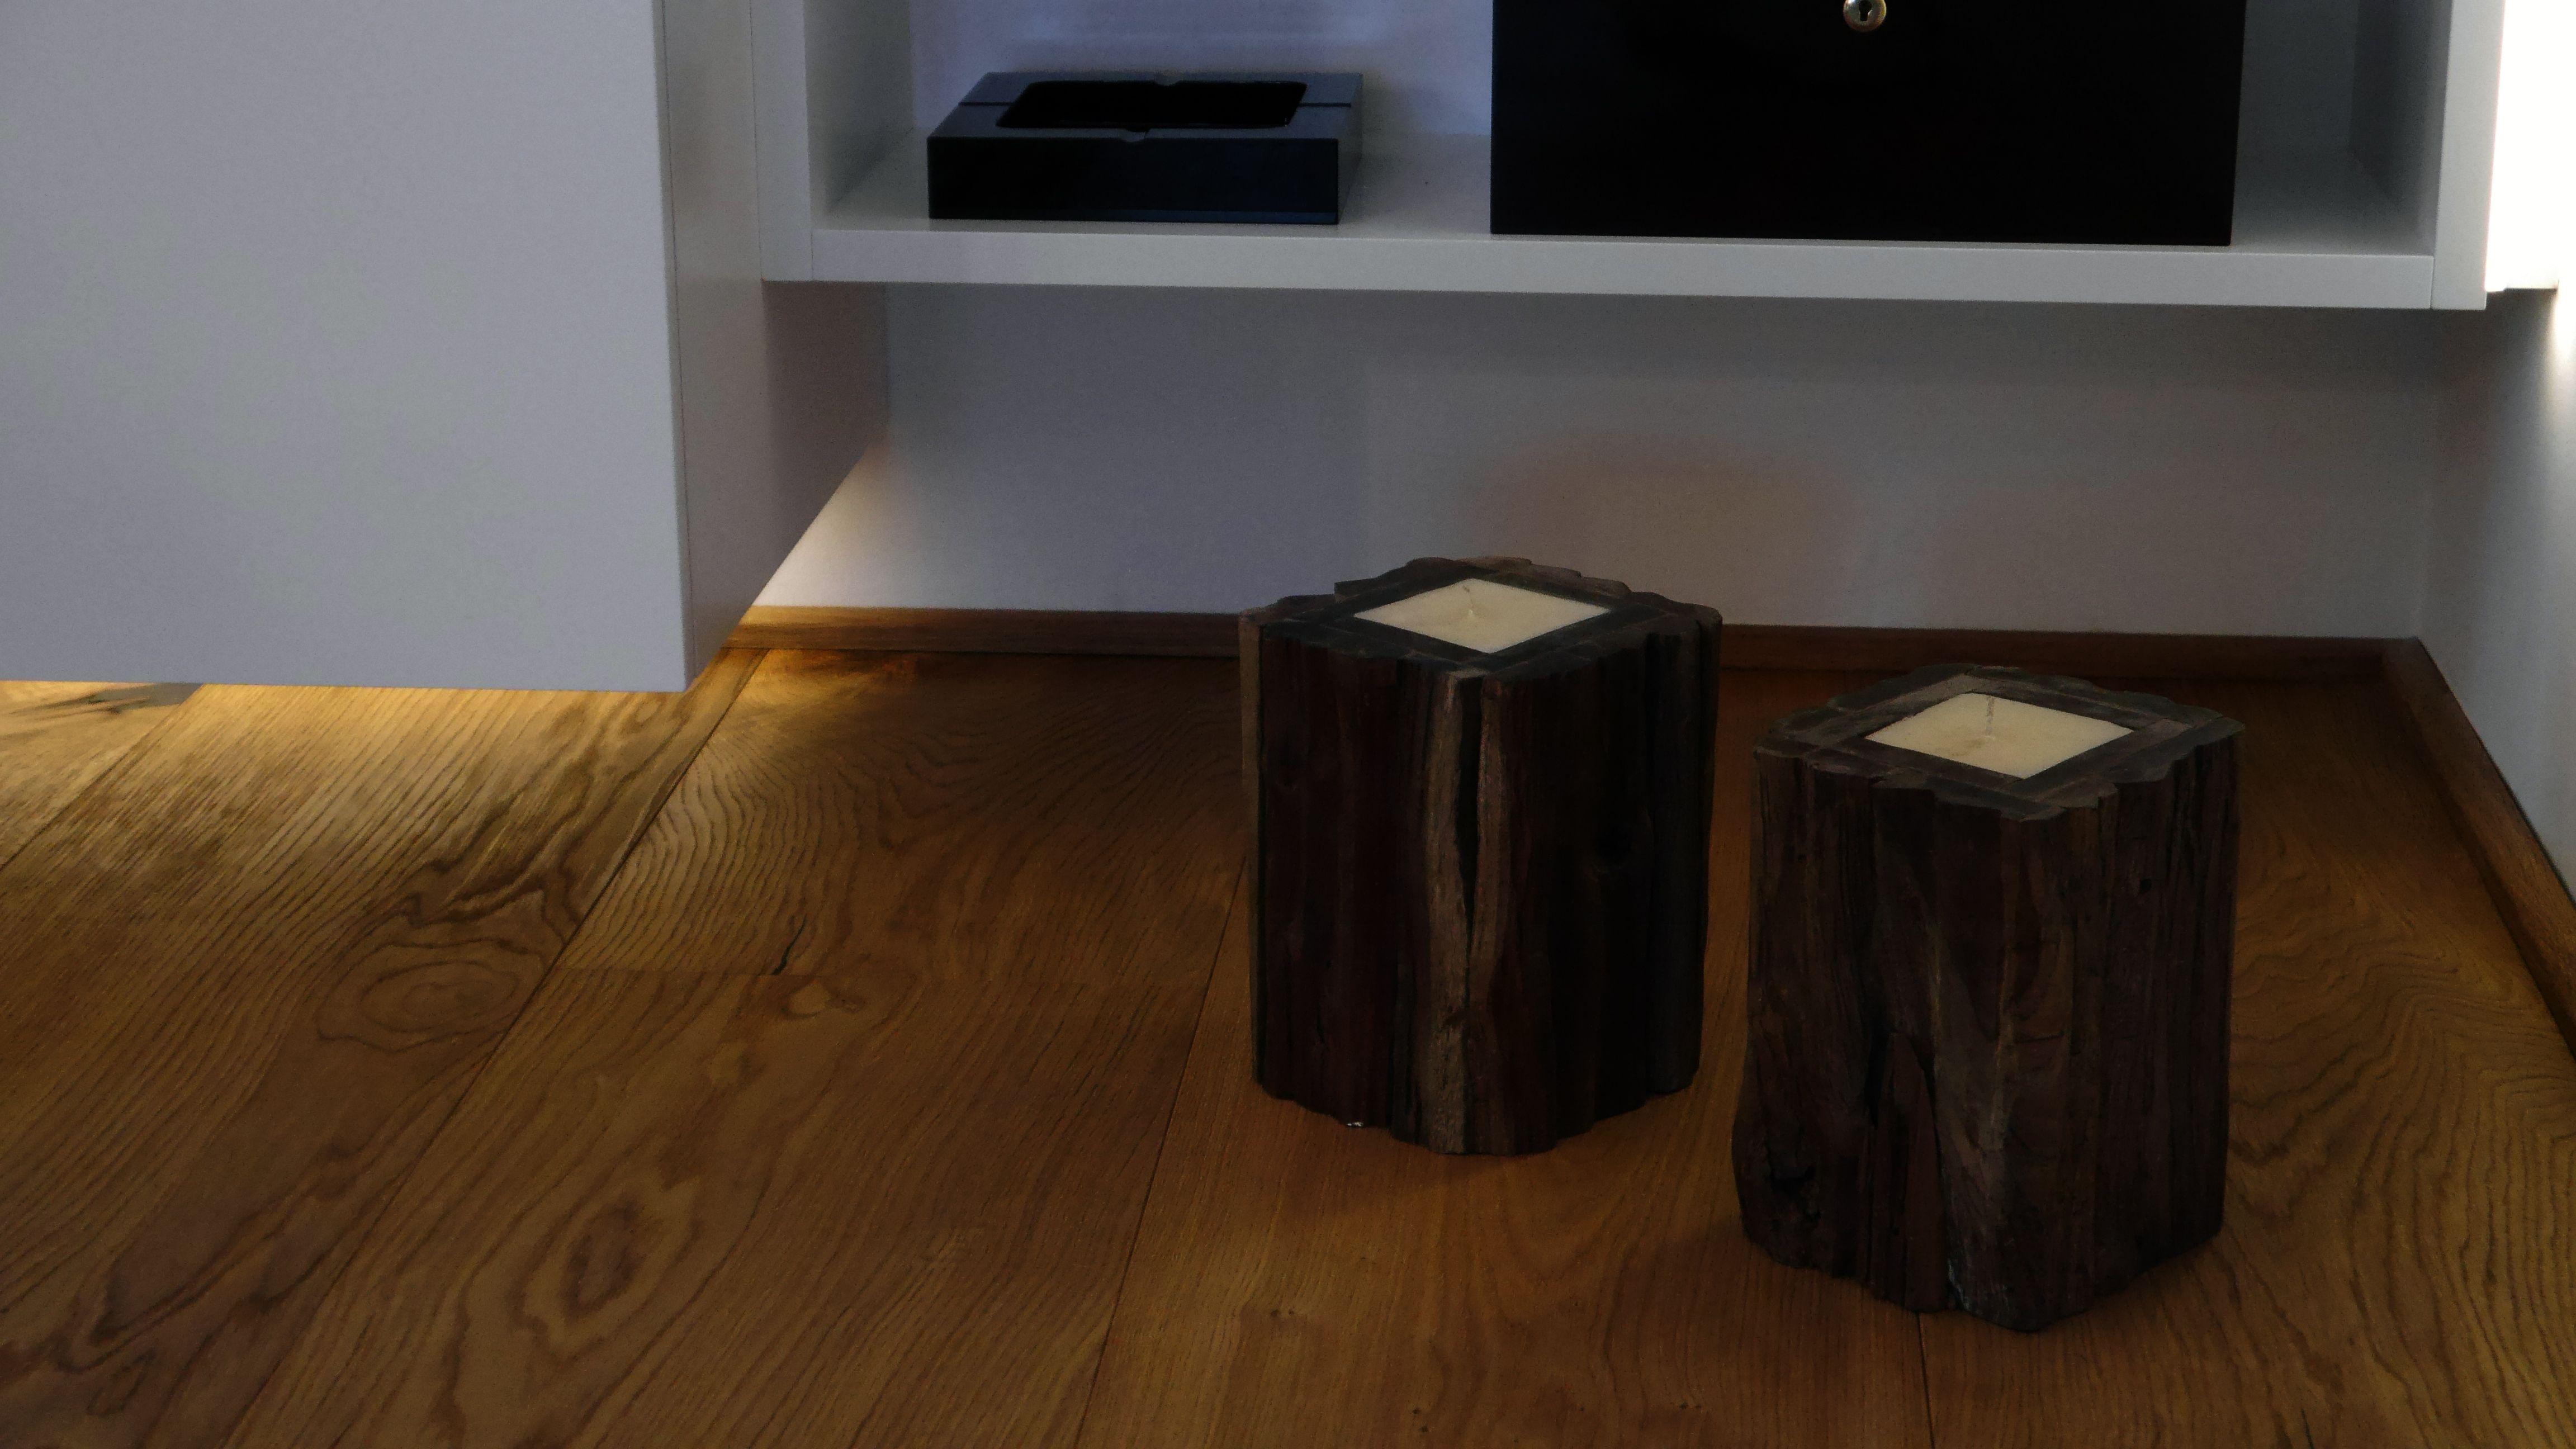 Indirekte Beleuchtung Sideboard Innenarchitektur Innenausbau Mobel Nach Mass